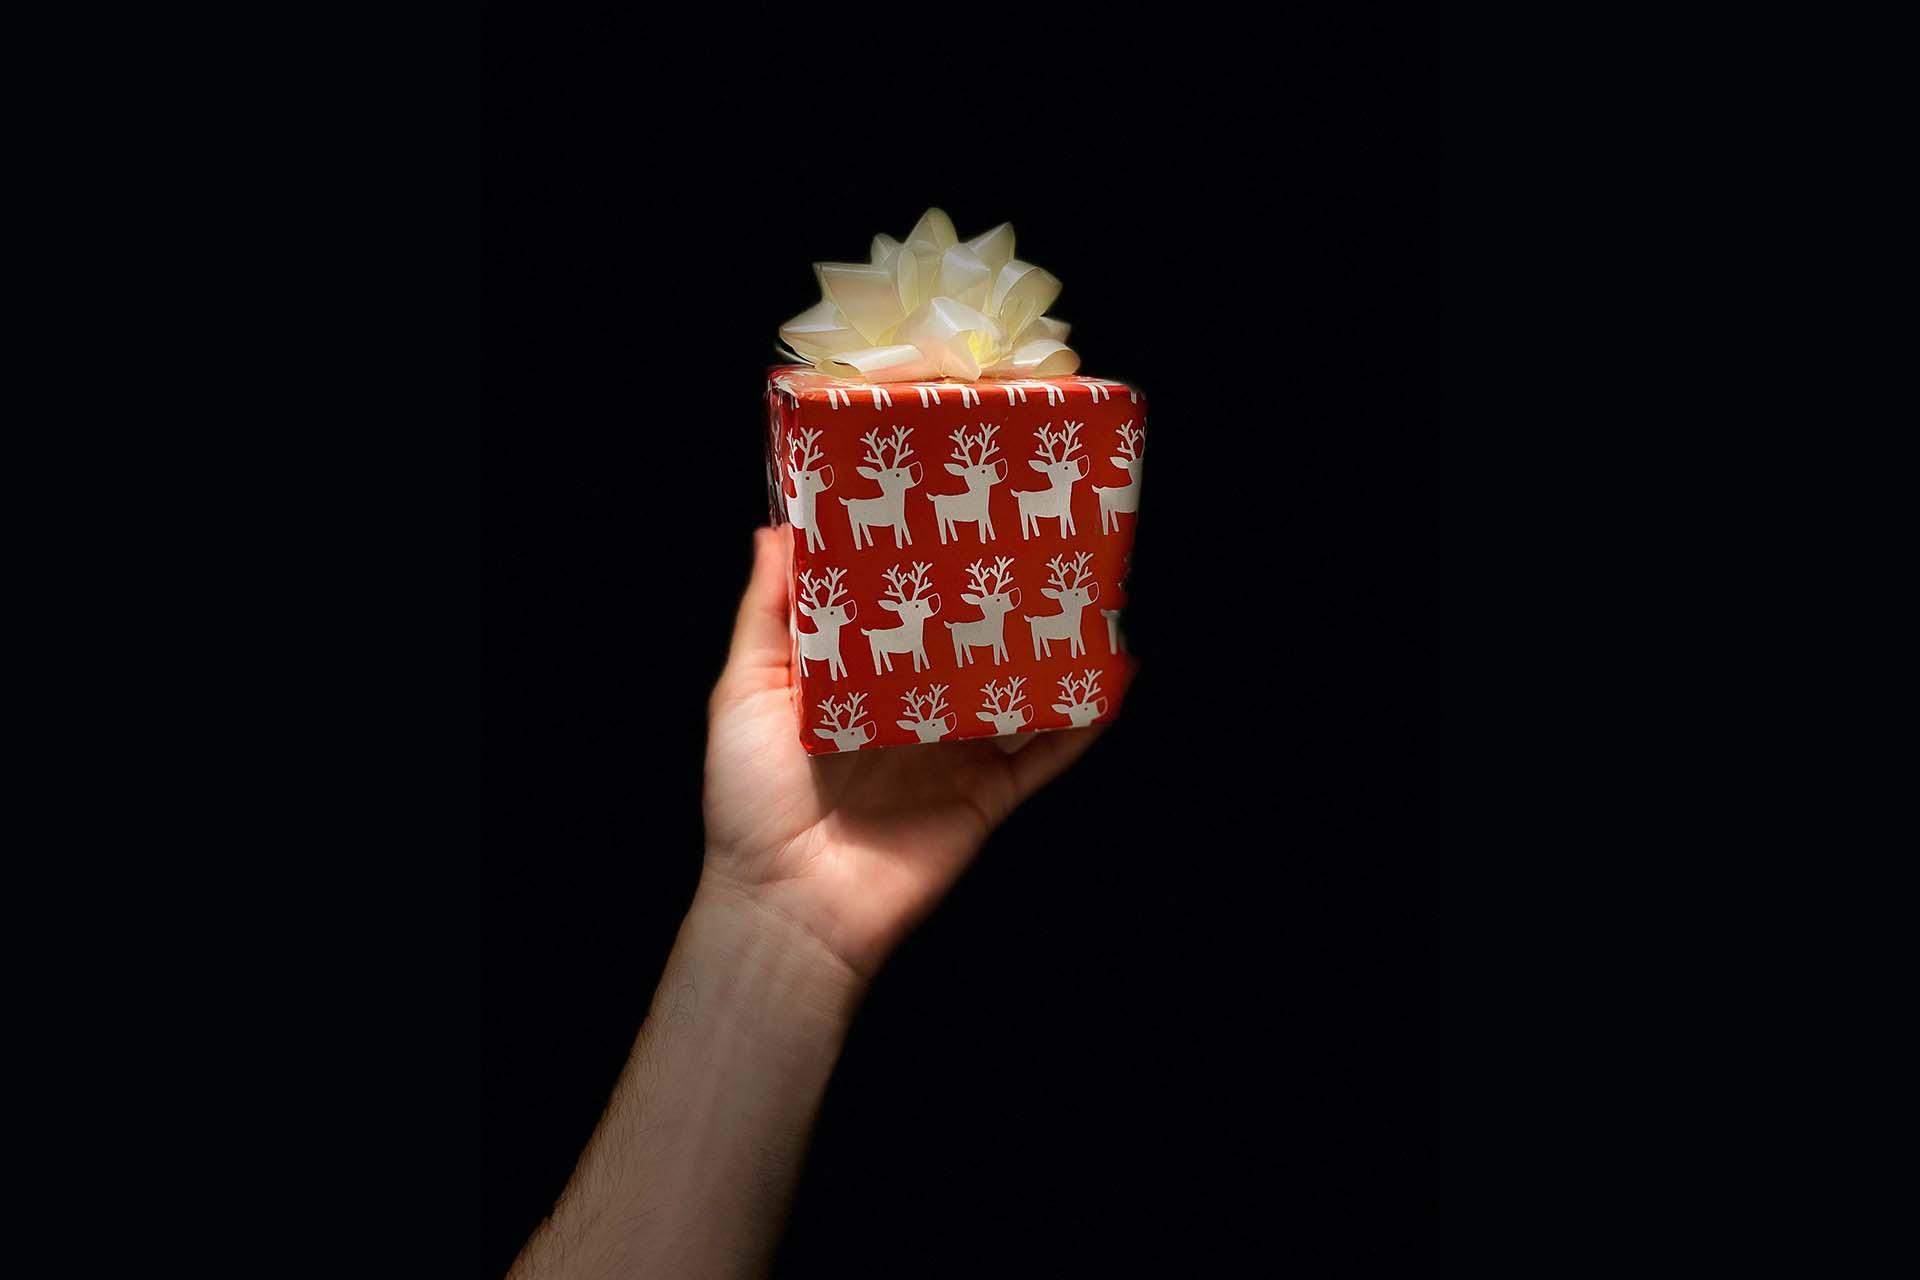 t2informatik Blog: Is feedback a gift?